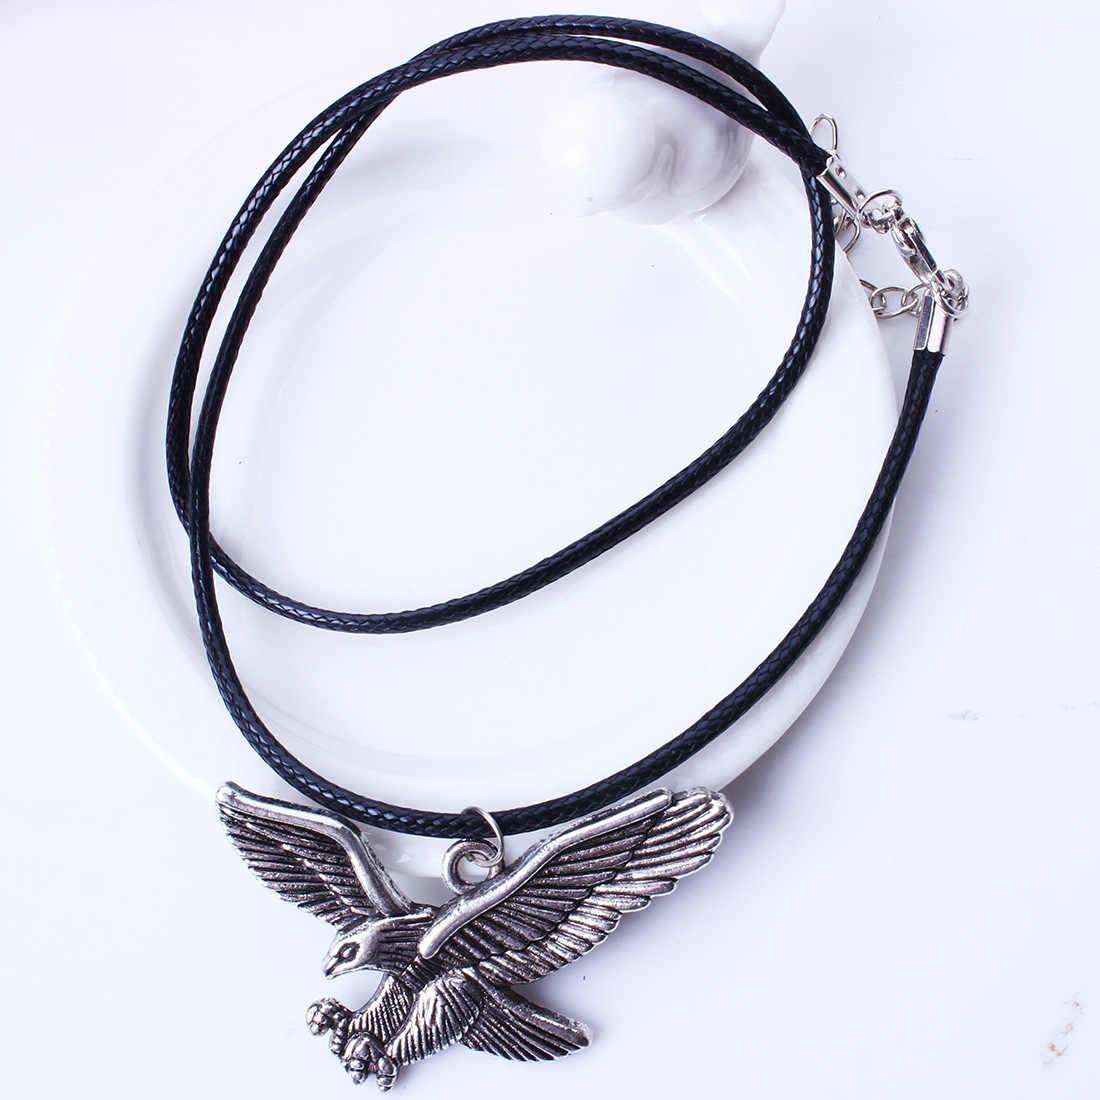 鷲の翼亀ファッション要素 Feminino 革鎖骨チェーンネックレス & ペンダント女性の女性ステートメントネックレス